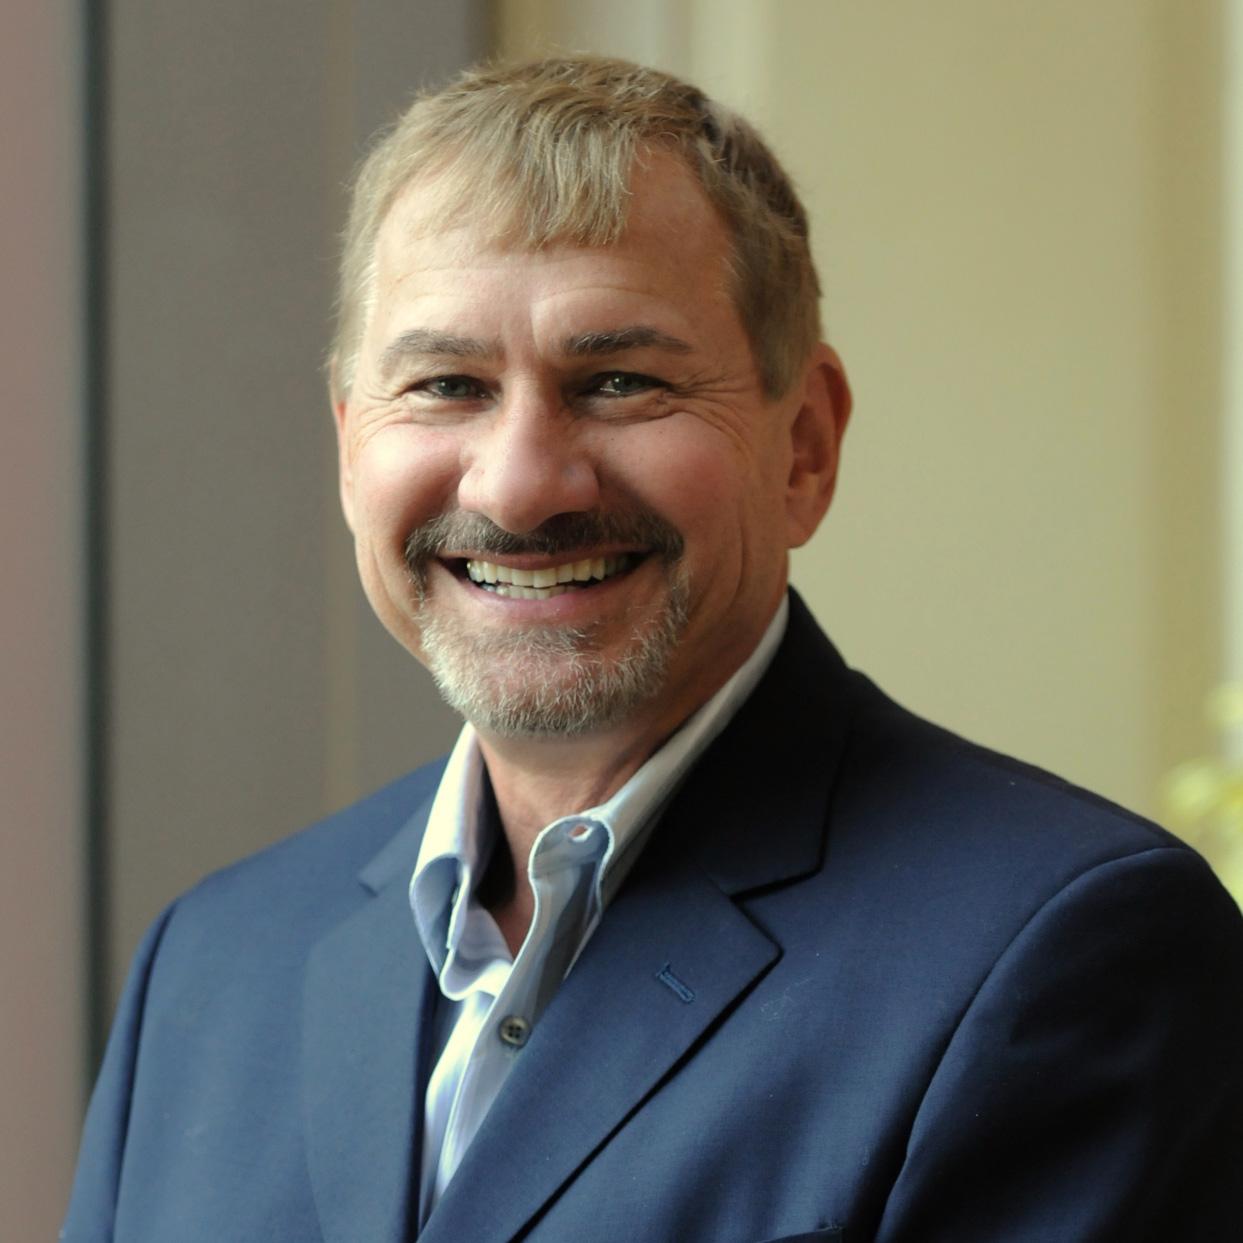 Ray Wozny, CEO, IpX